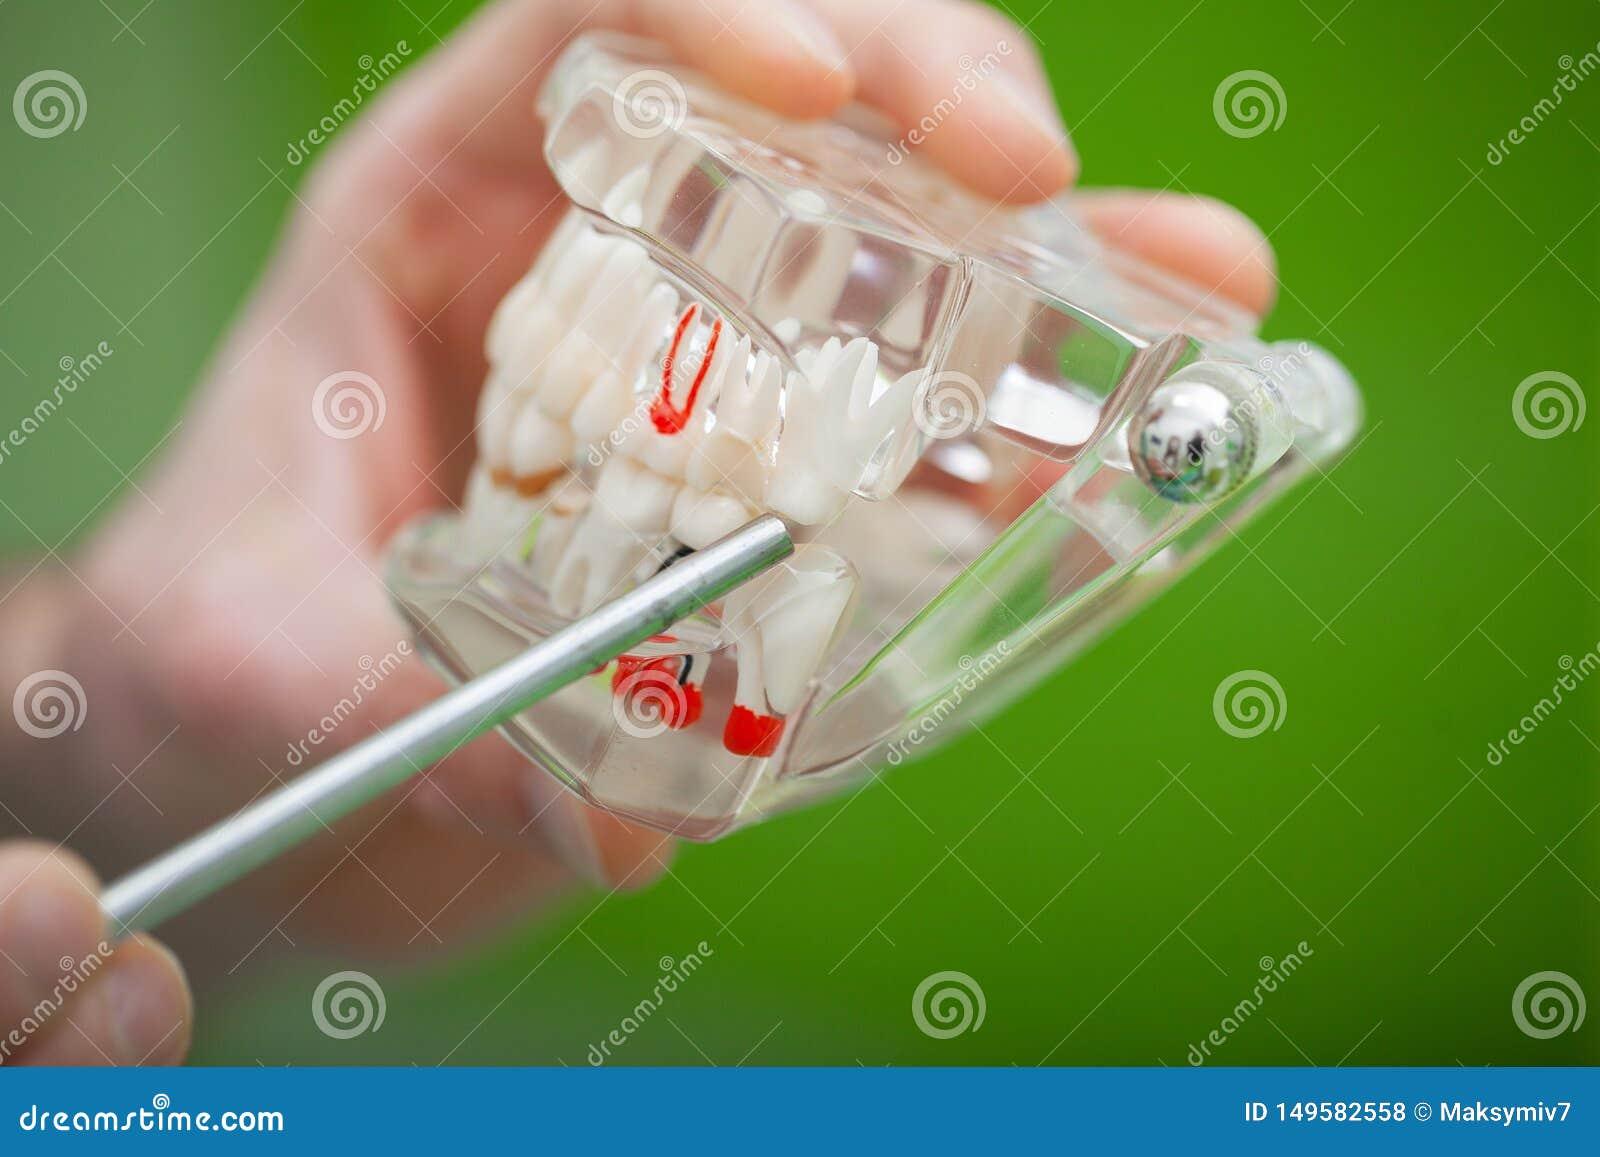 Zahnarzthandholding des Kiefermodells der Z?hne und der Reinigung zahnmedizinisch mit zahnmedizinischem Werkzeug